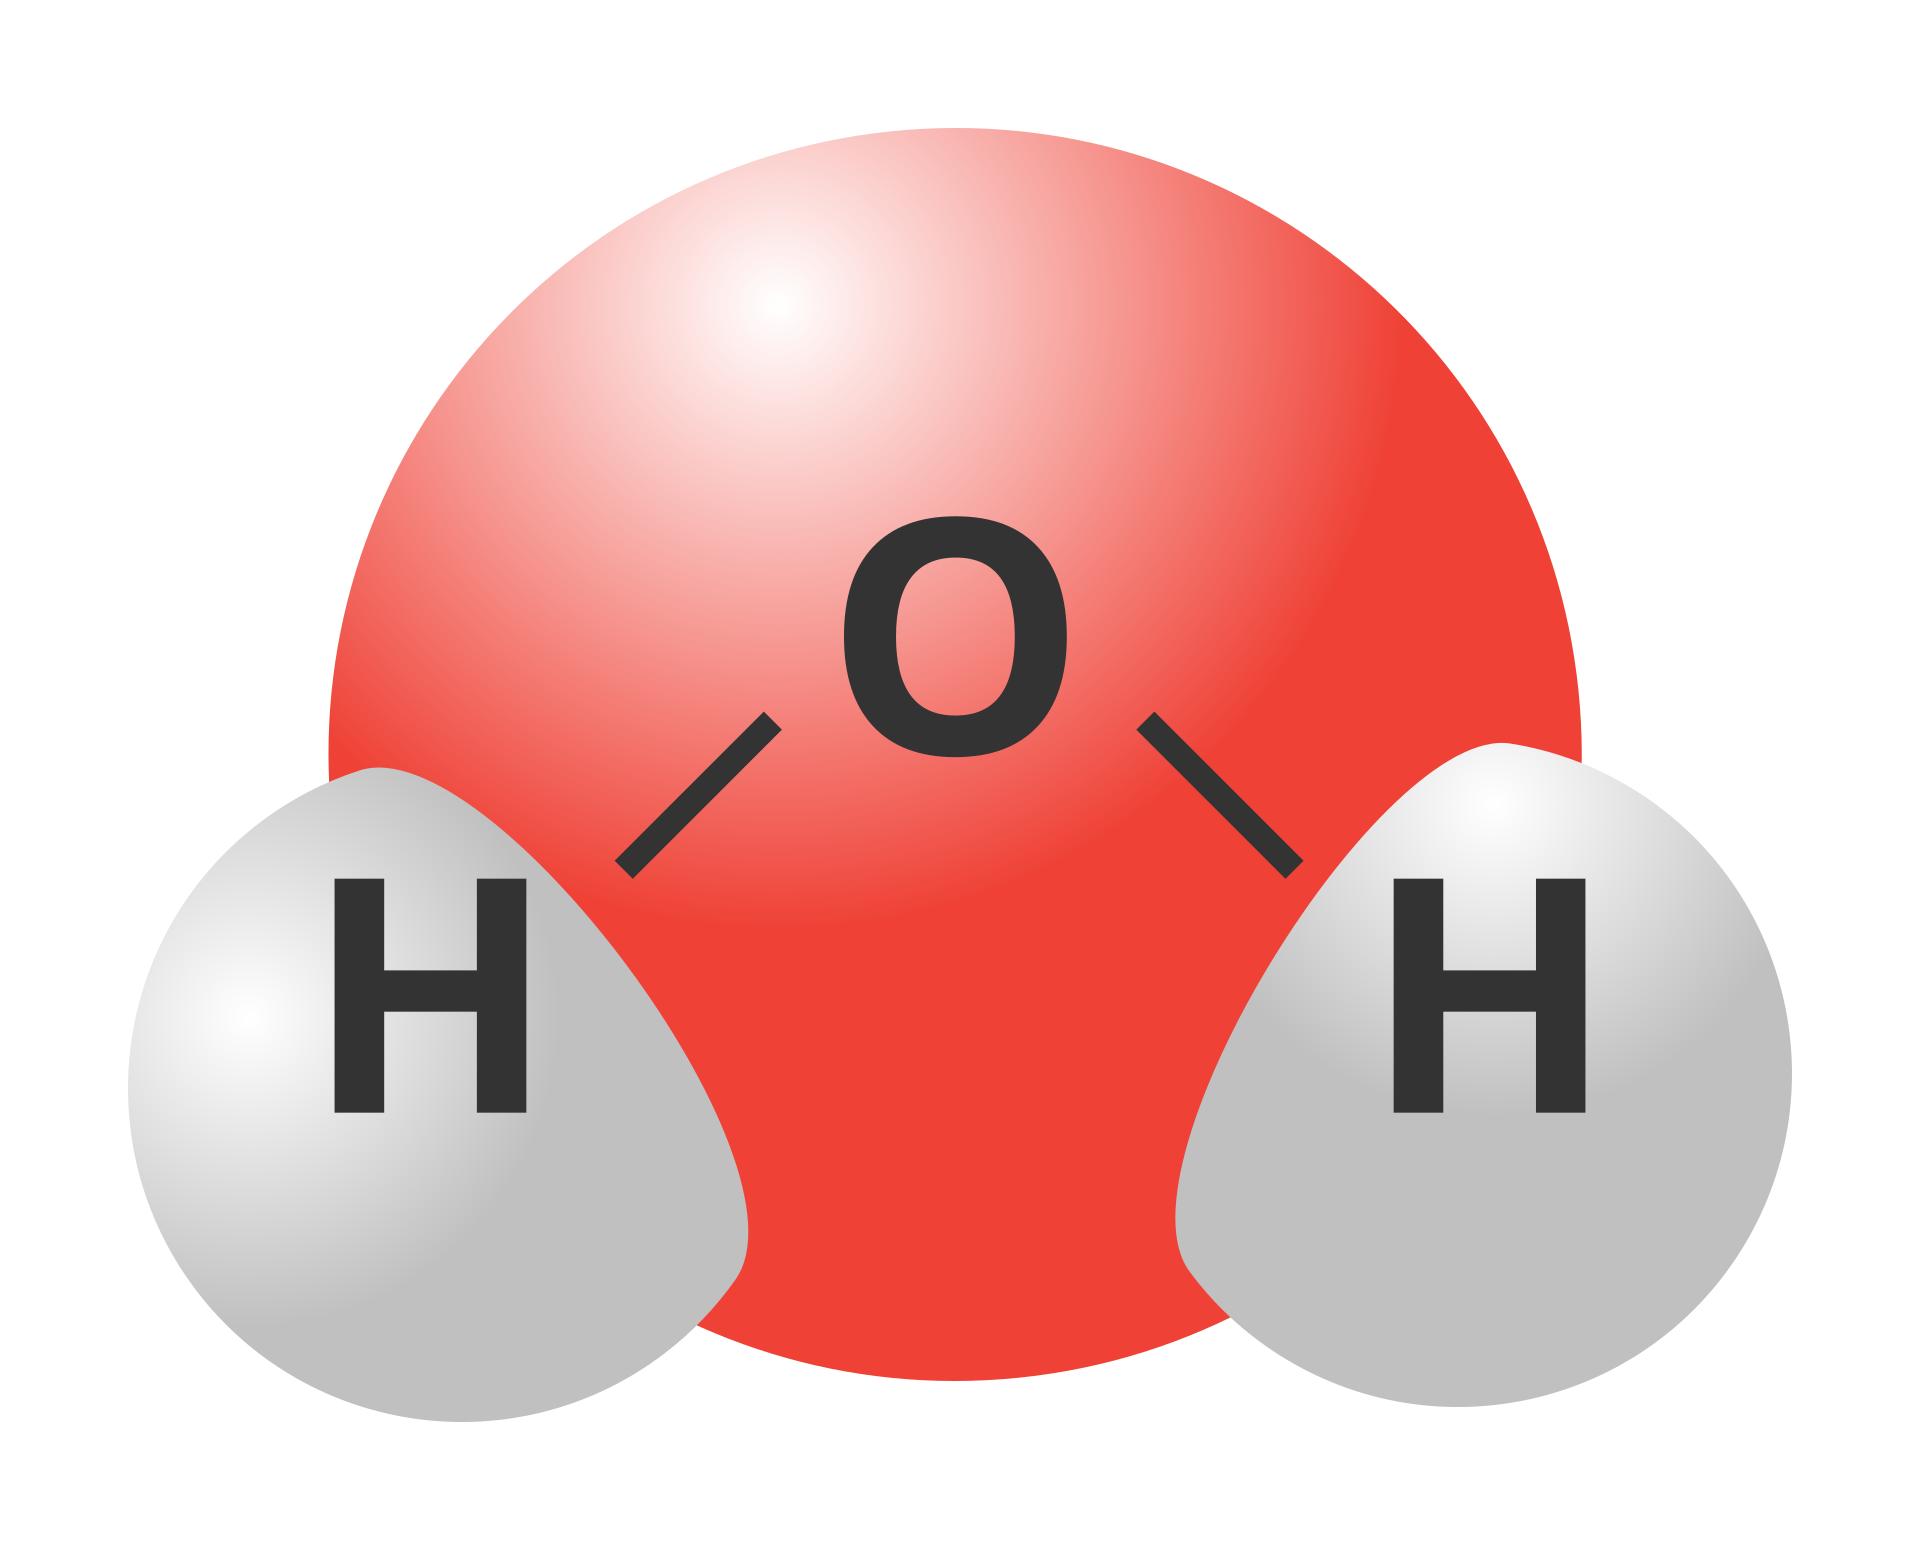 Ilustracja przedstawia rysunkowy model cząsteczki wody składający się zwiększej czerwonej kulki symbolizującej atom tlenu idwóch połączonych znią mniejszych szarych kulek symbolizujących atomy wodoru. Model zorientowany jest tlenem wgórę, awodorem wdół izaakcentowana jest wnim kątowy układ powiązań pomiędzy atomami za sprawą którego atomy wodoru leżą bardzo blisko siebie, prawie się stykając. Na model nałożony jest wzór strukturalny cząsteczki wody.